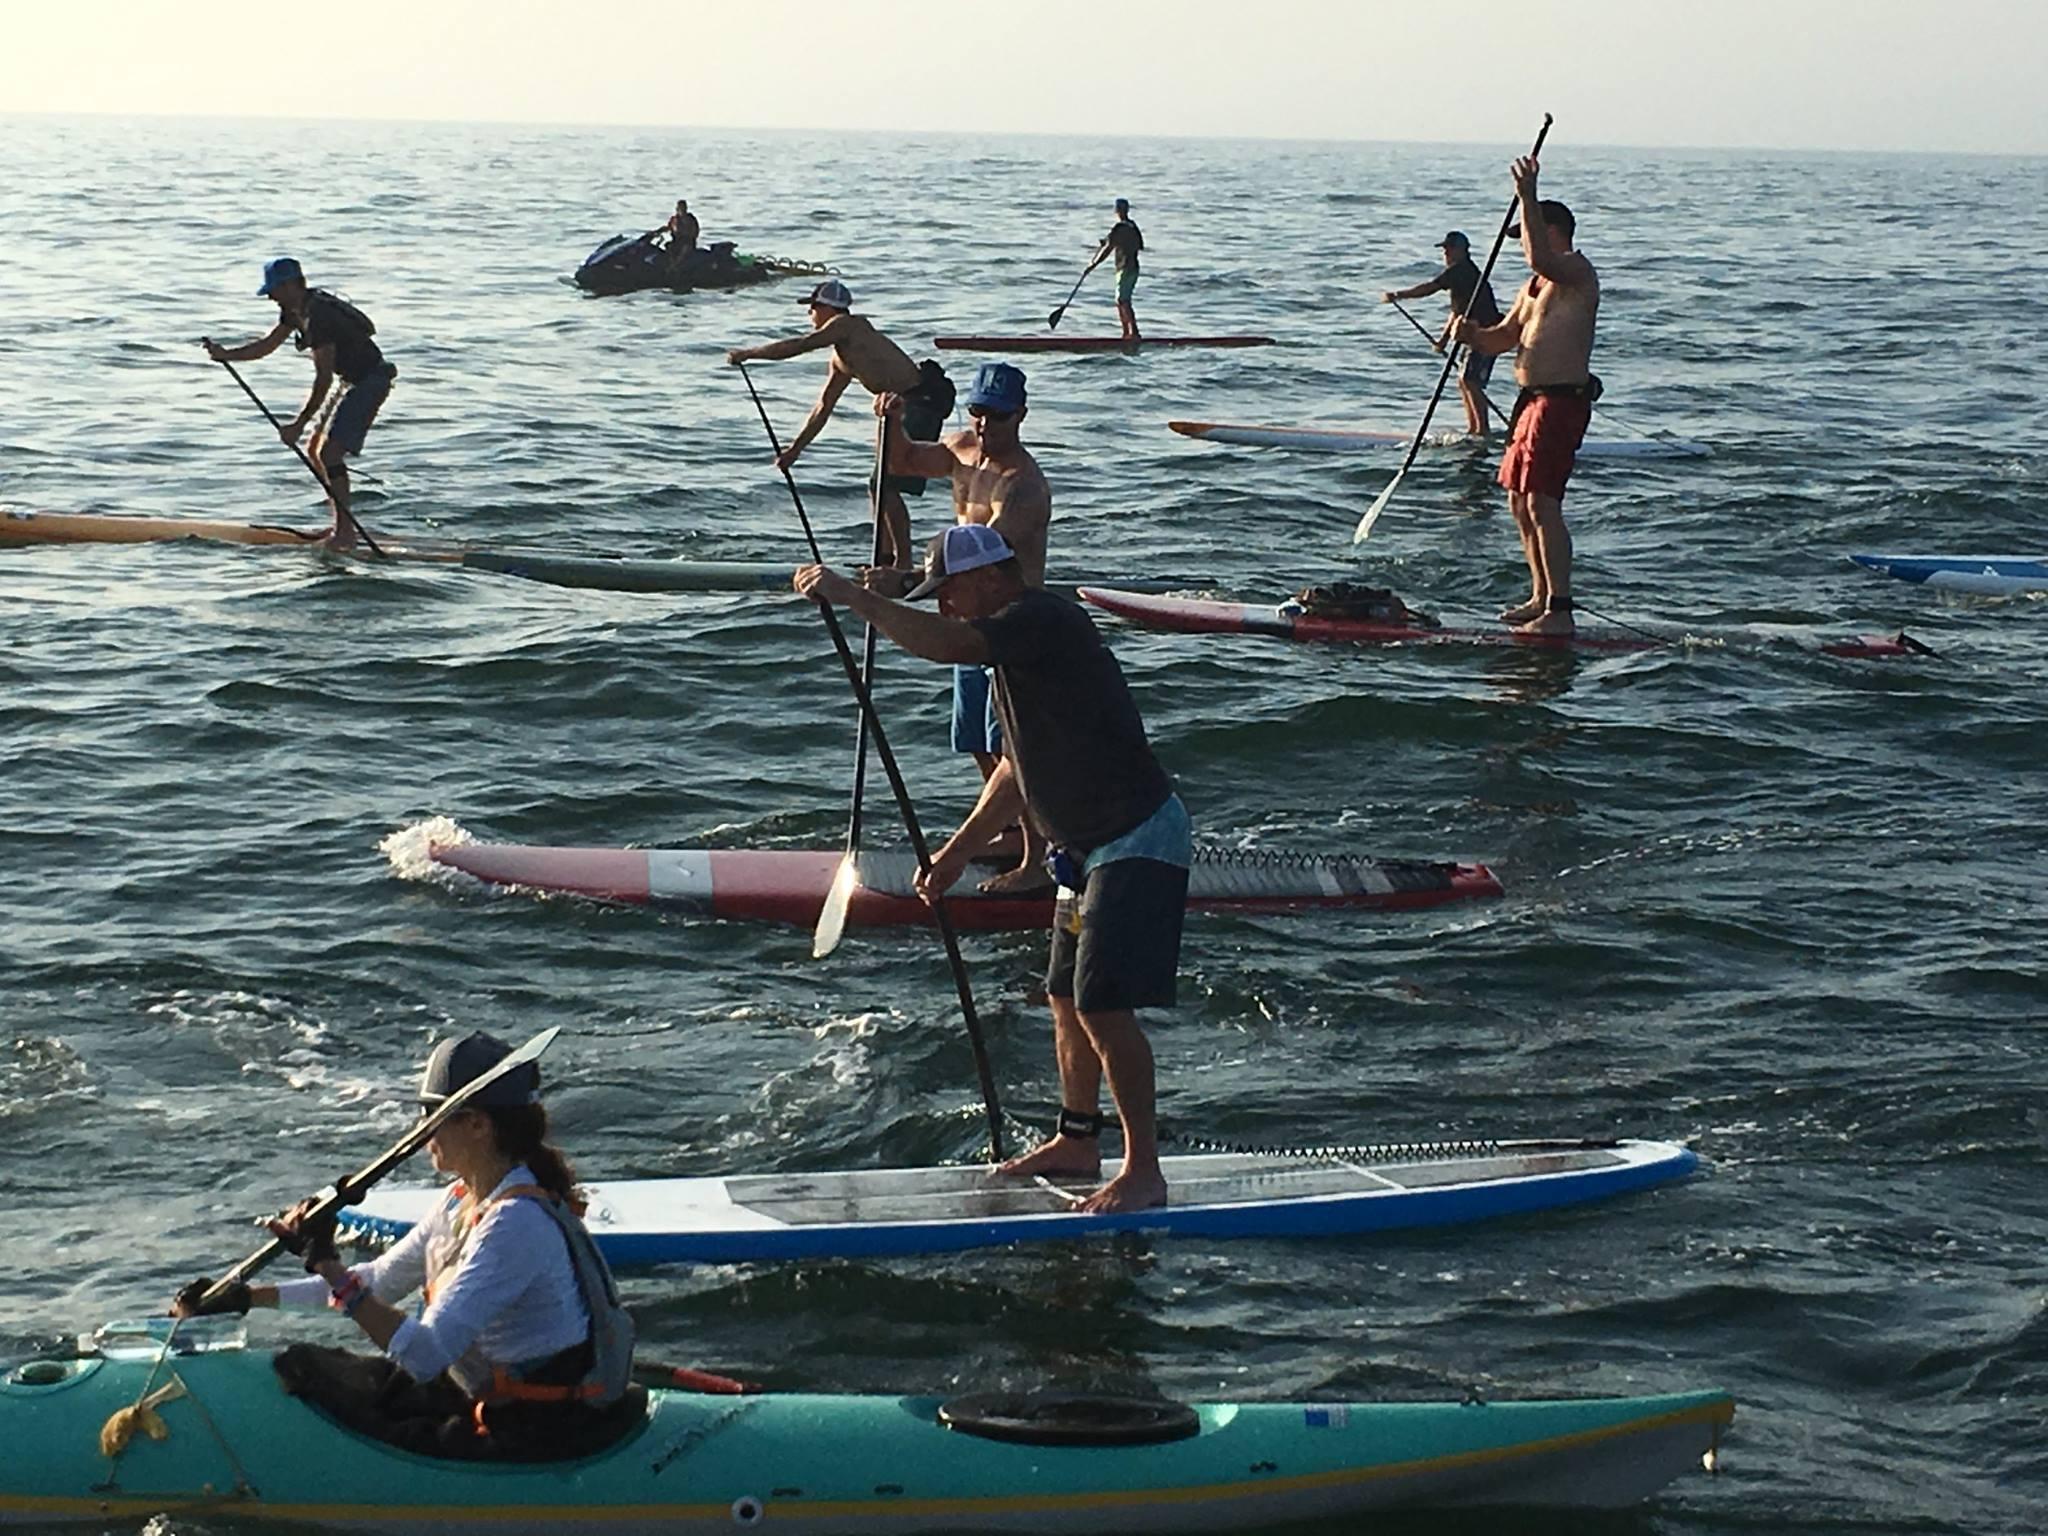 Kayak and Paddlers